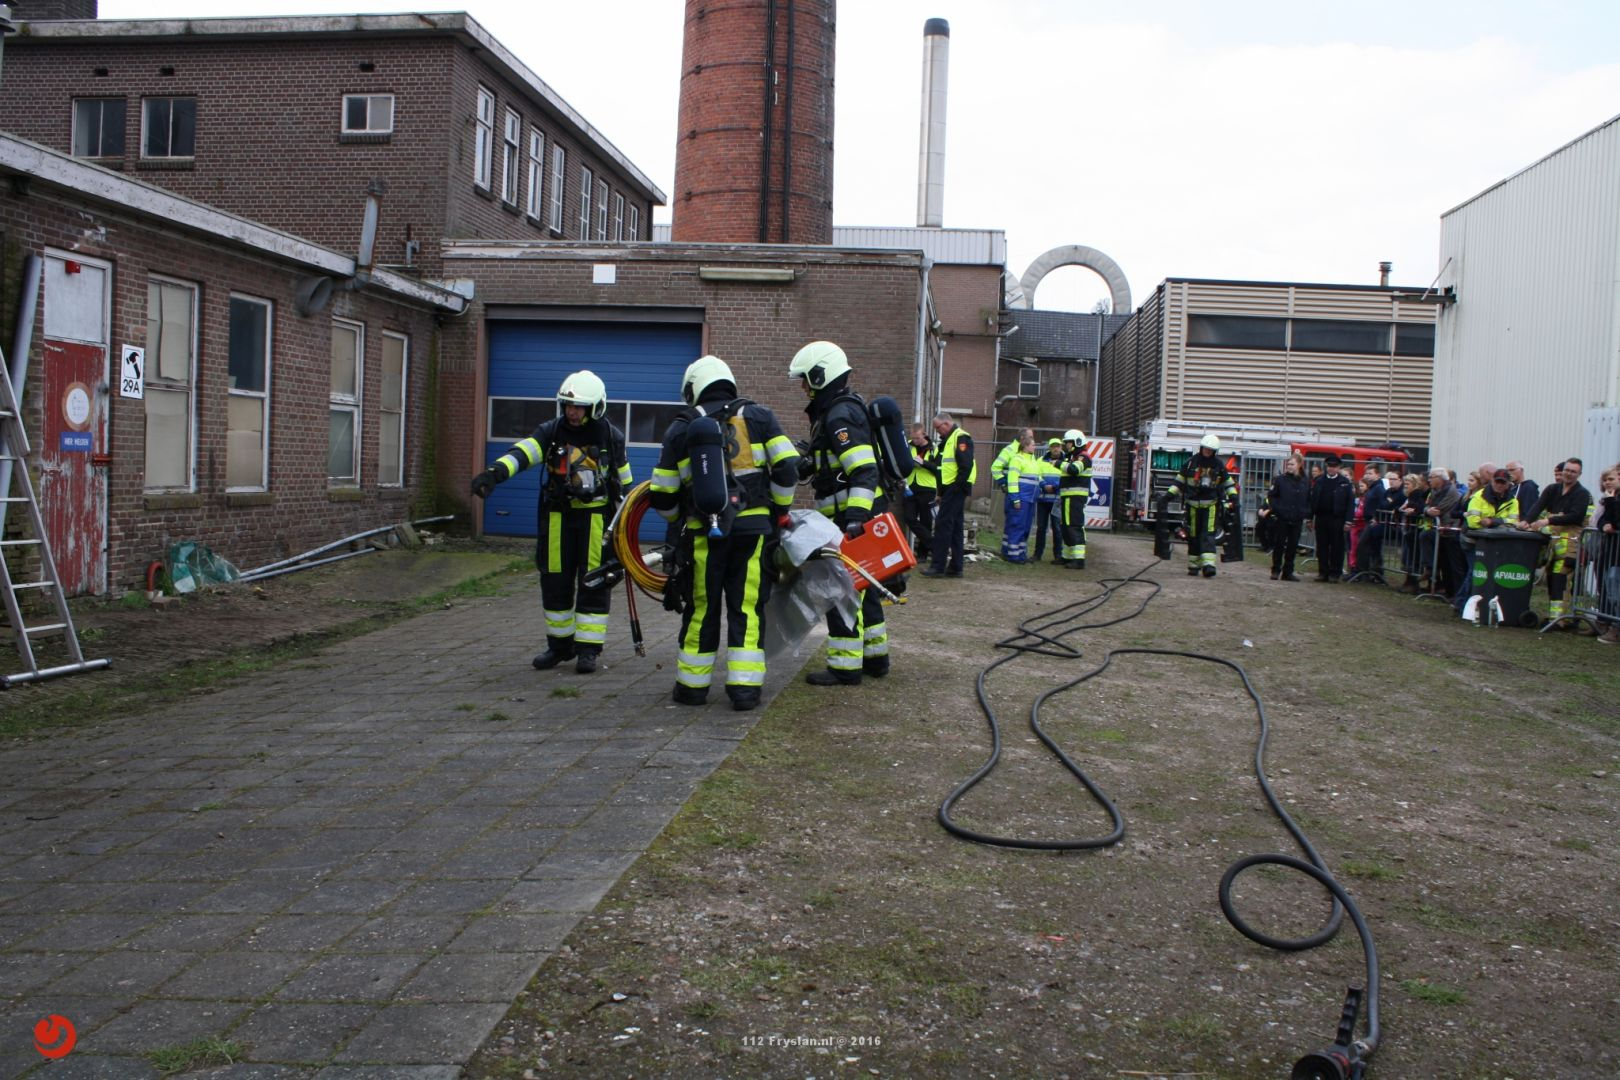 Brandweer Jubbega behaald eerste plaats bij brandweerwedstrijden